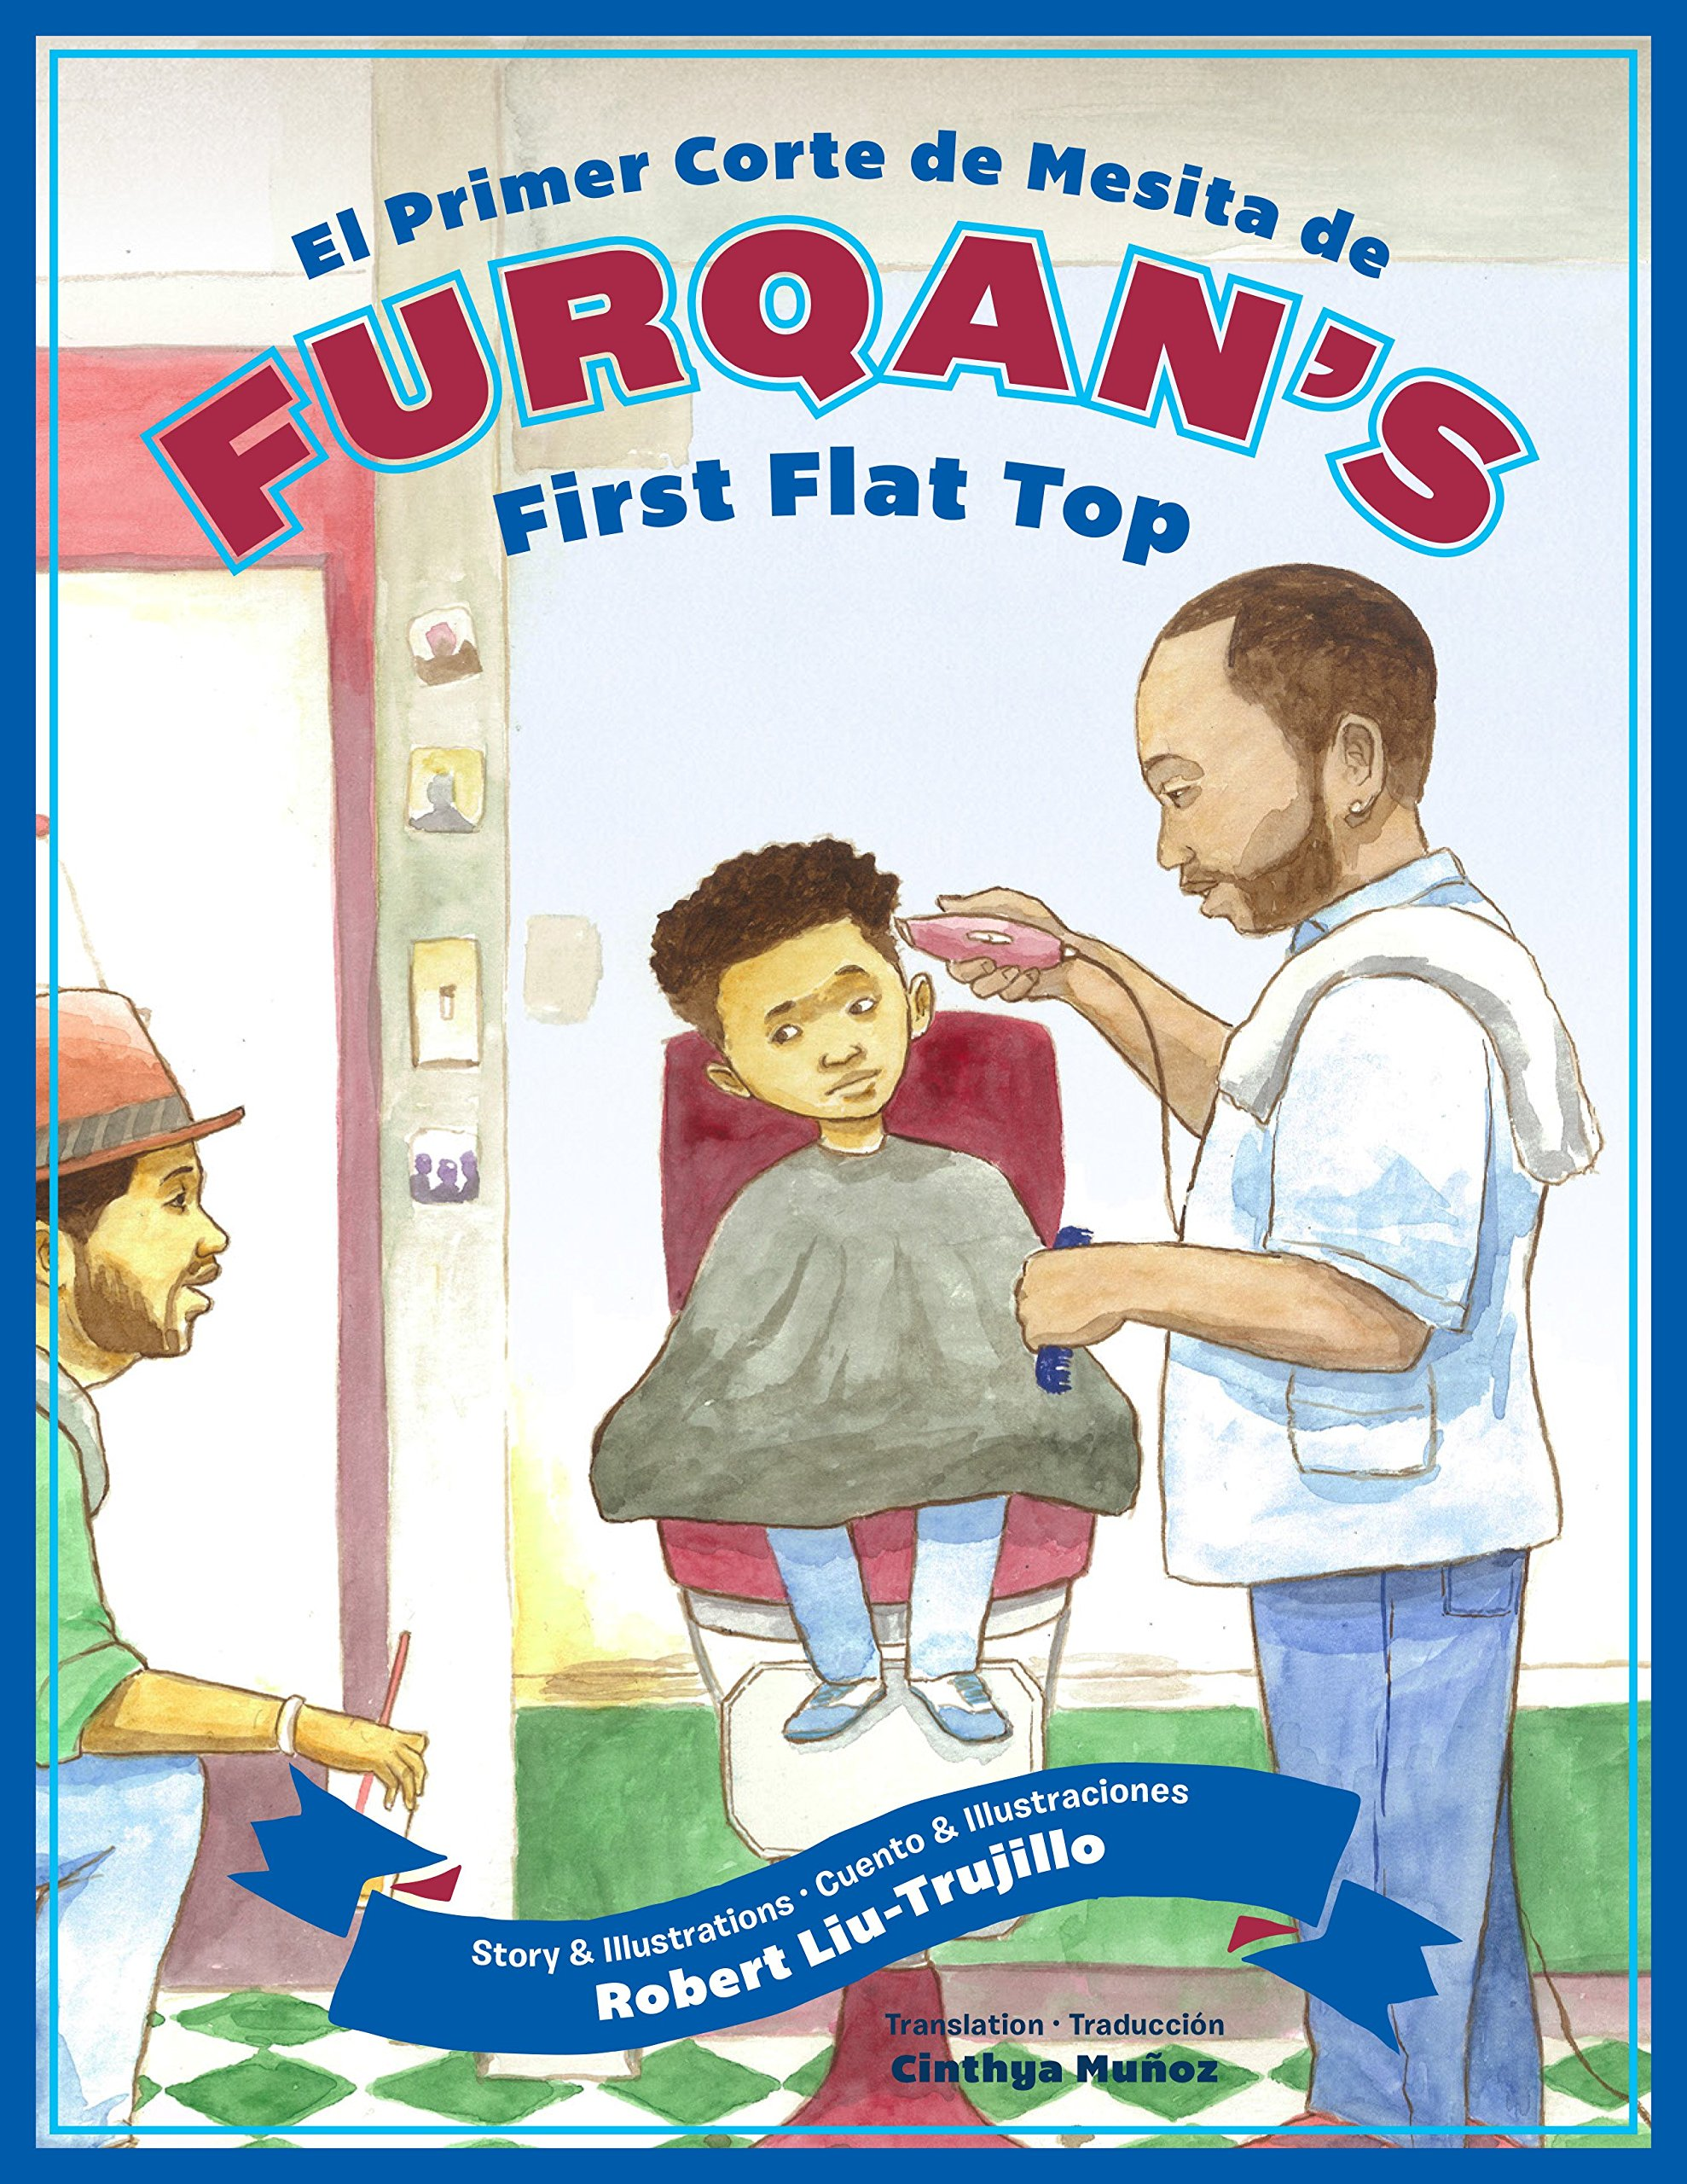 FURQAN'S FIRST  FLAT TOP